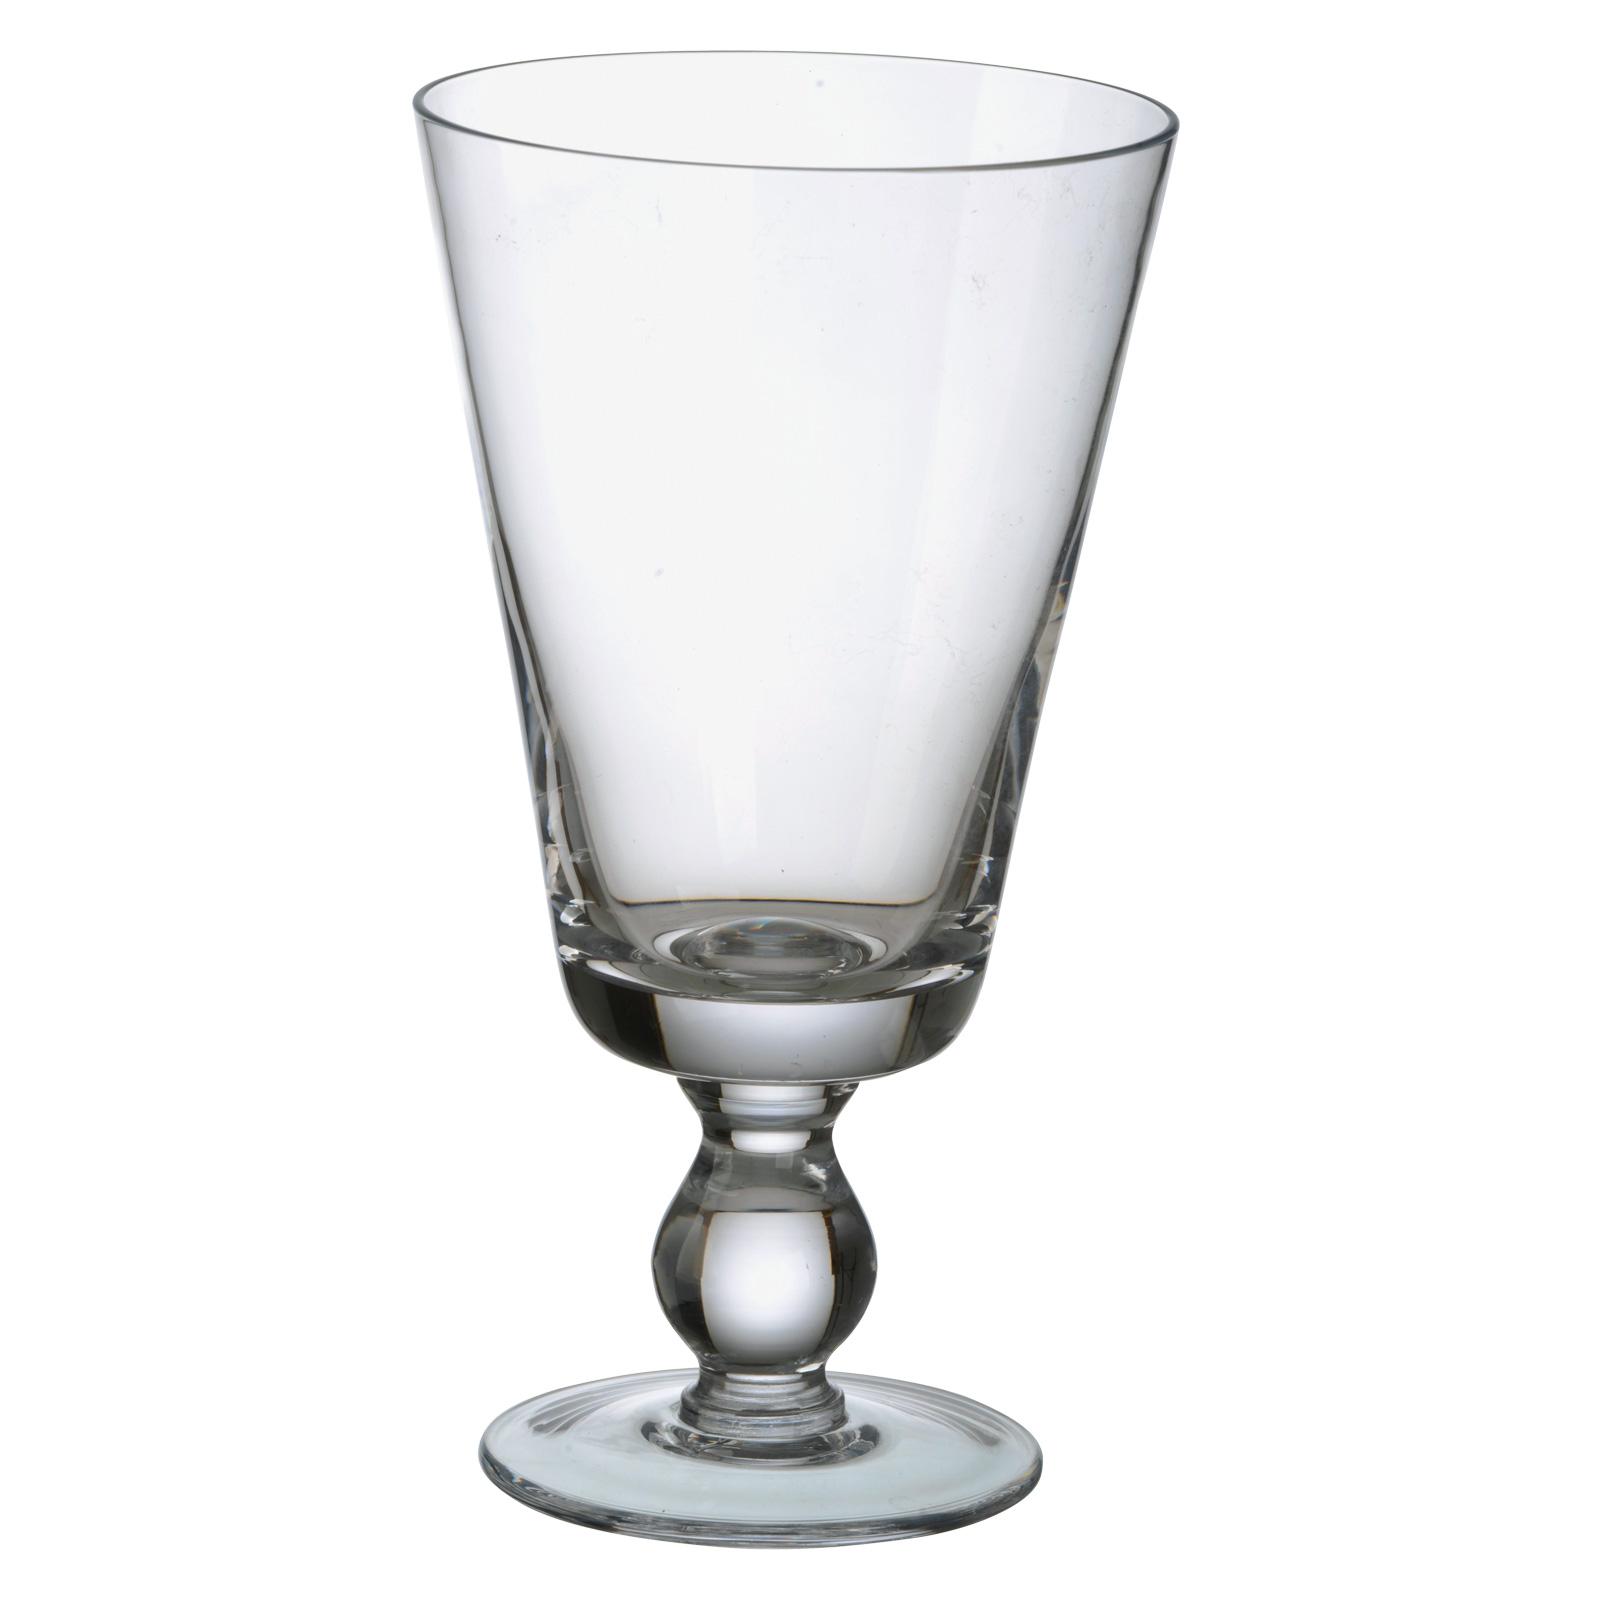 Goblet Small by Dornberger